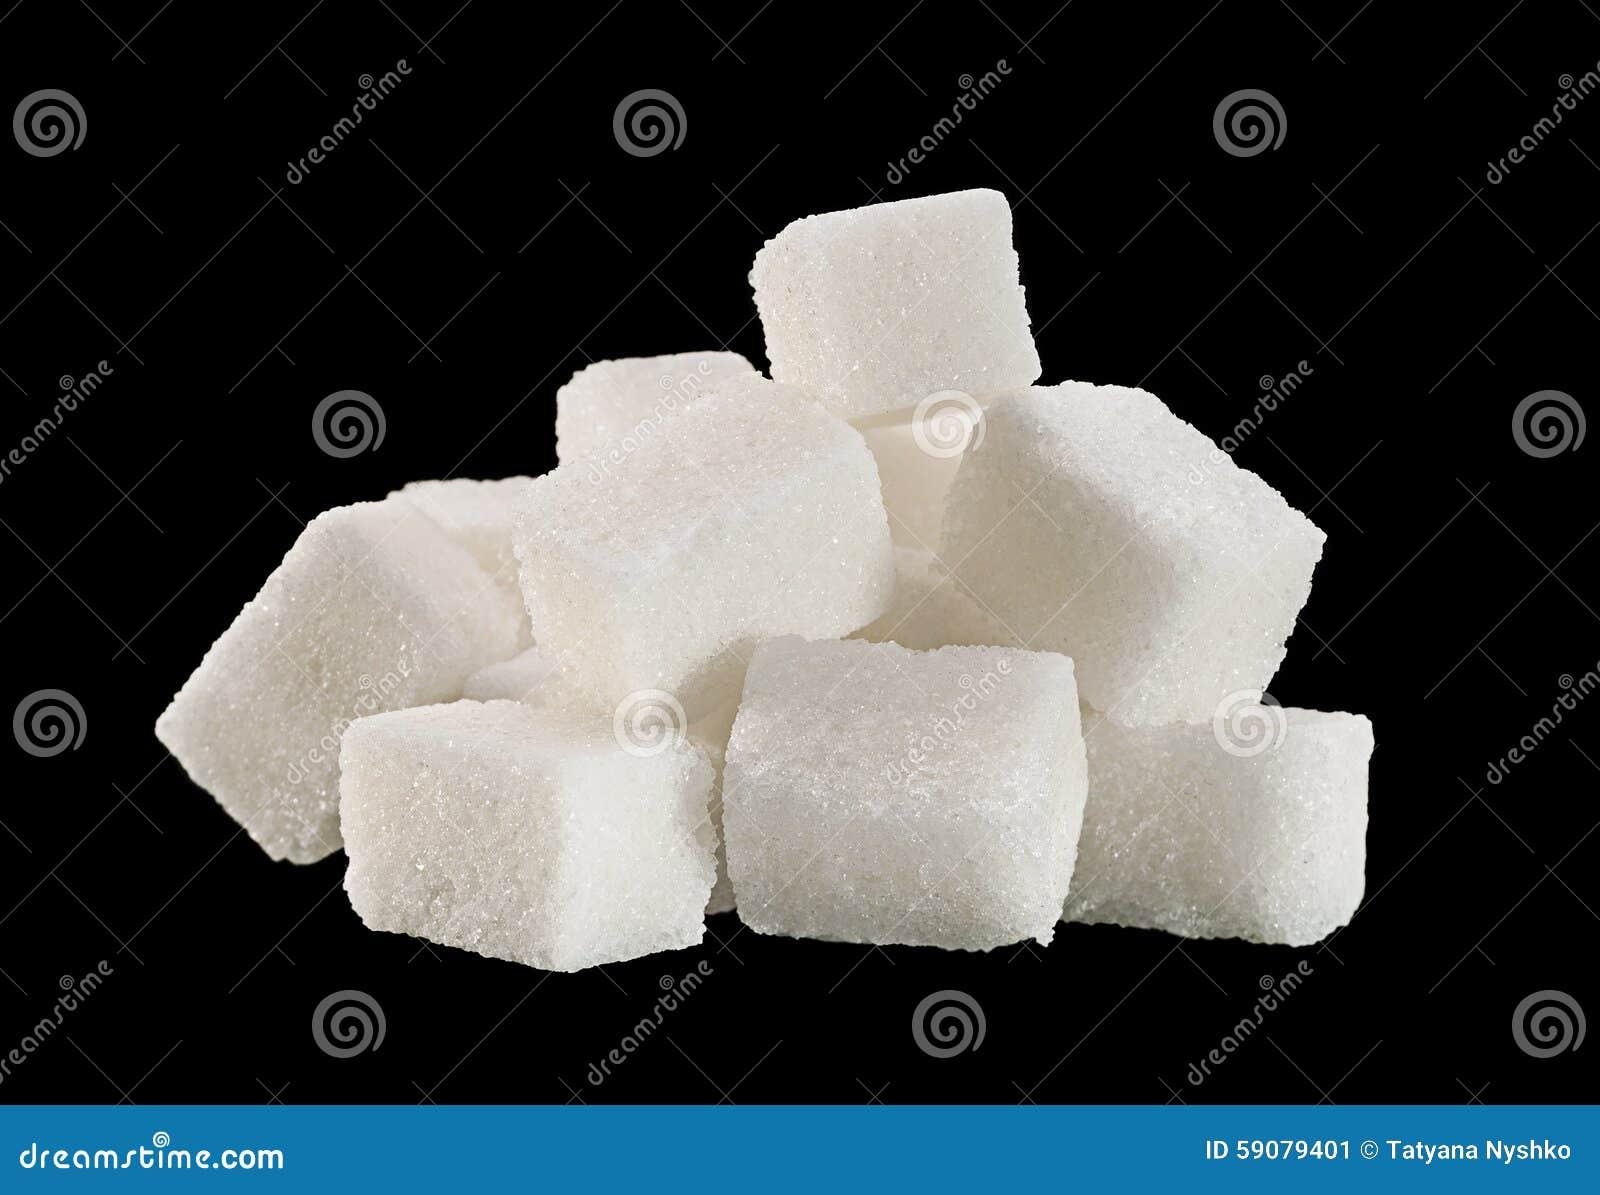 Lump sugar cube